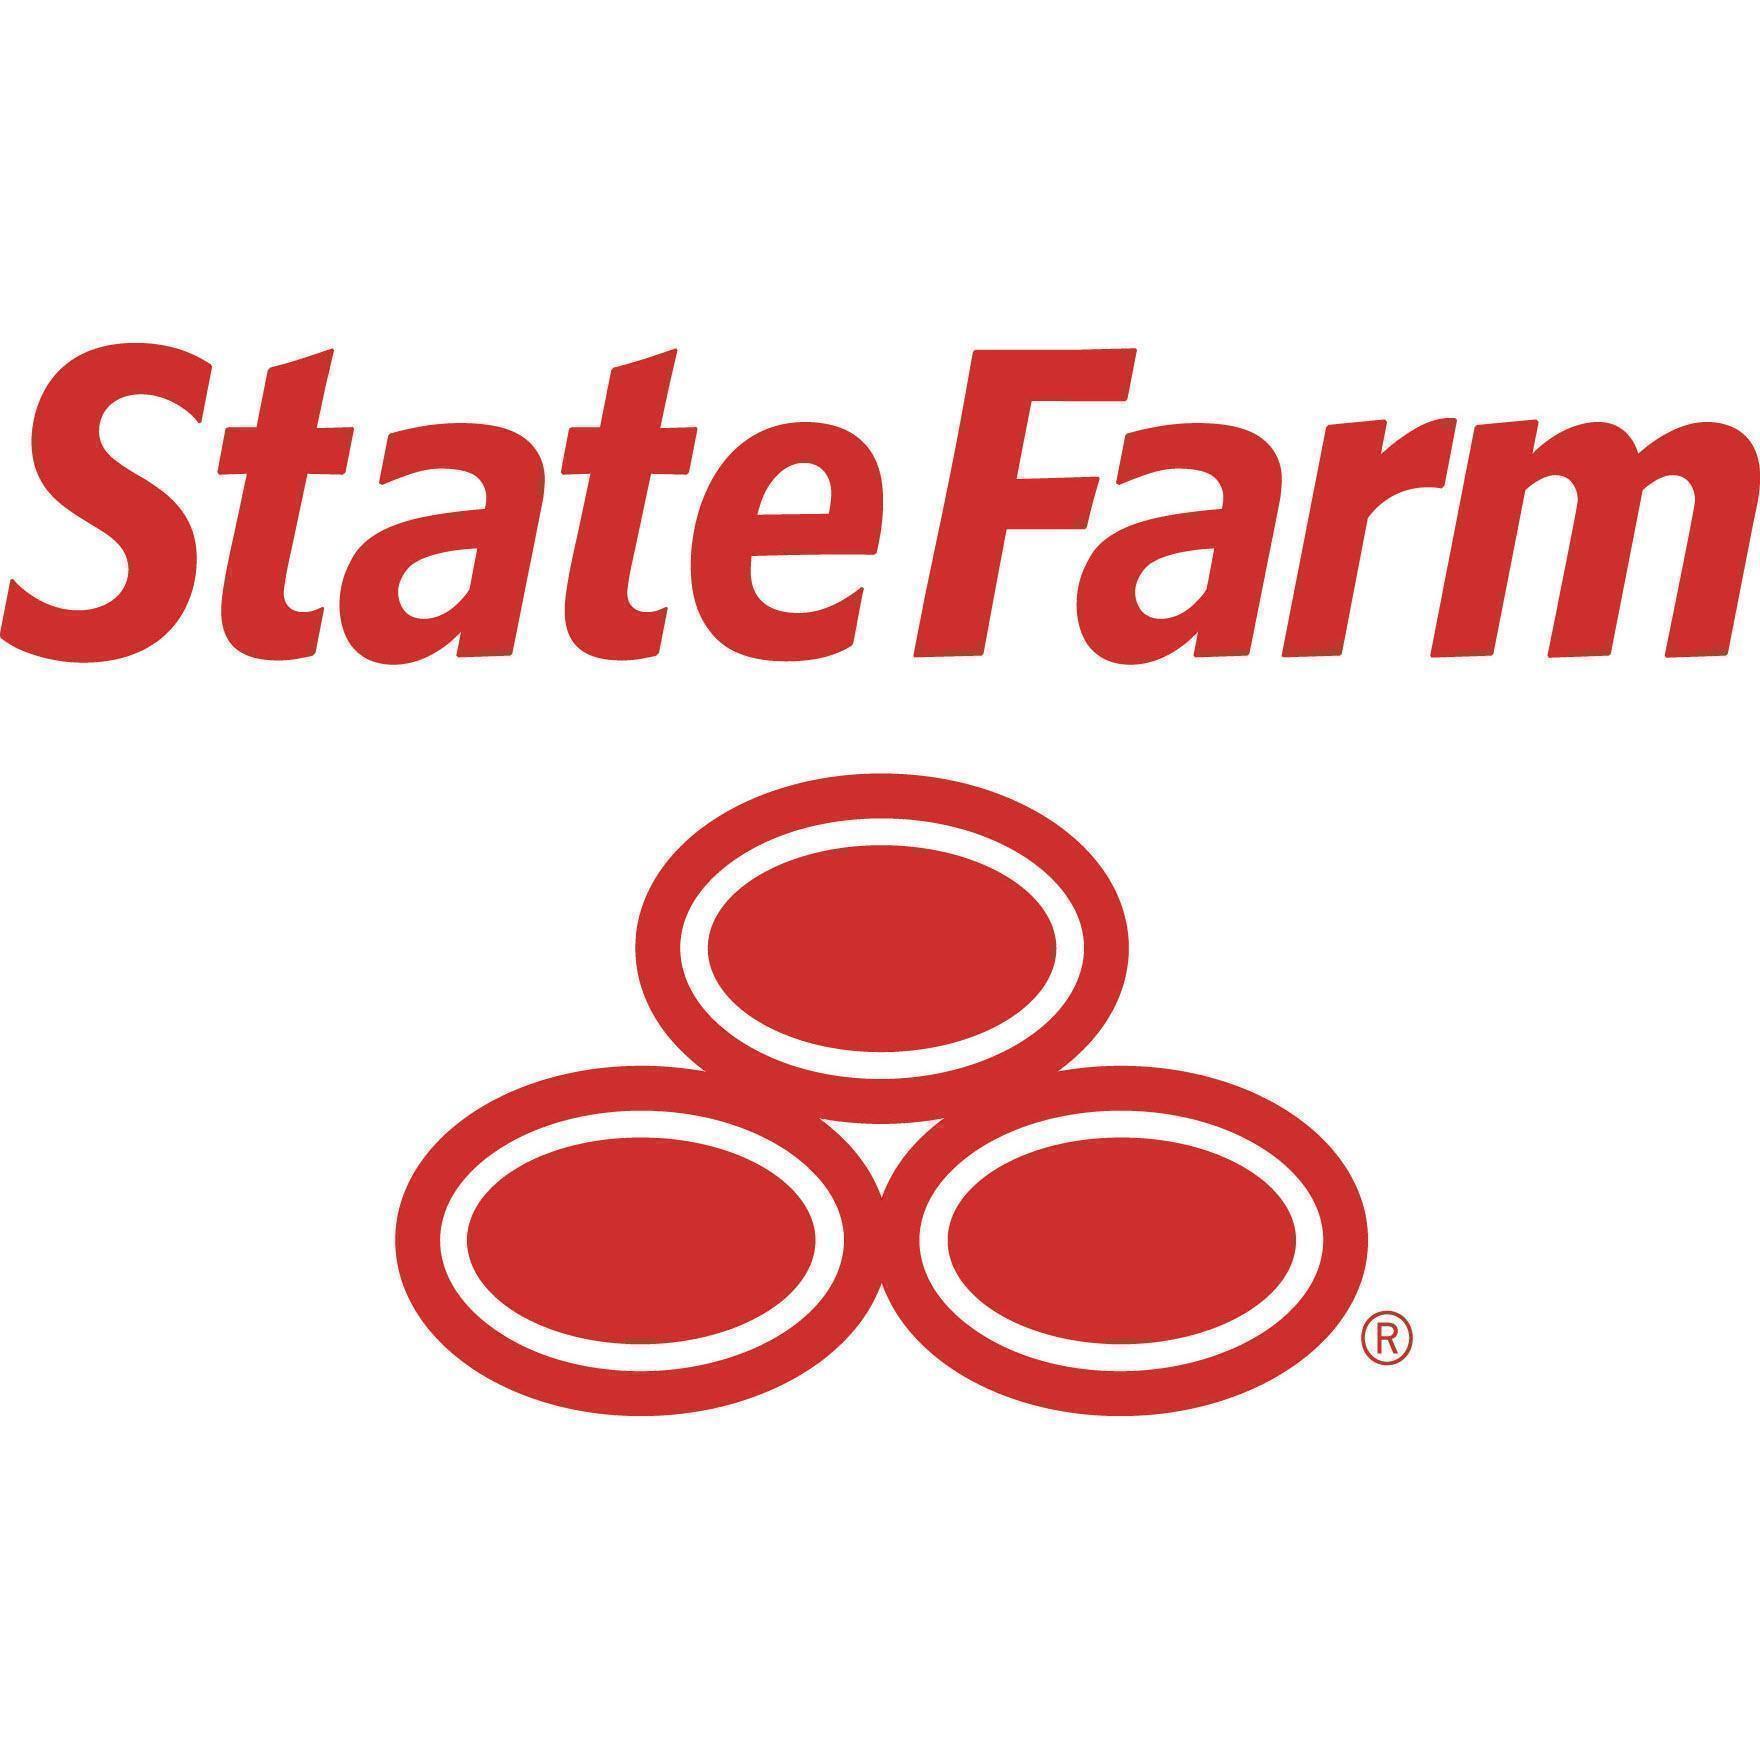 Dave Schermerhorn - State Farm Insurance Agent